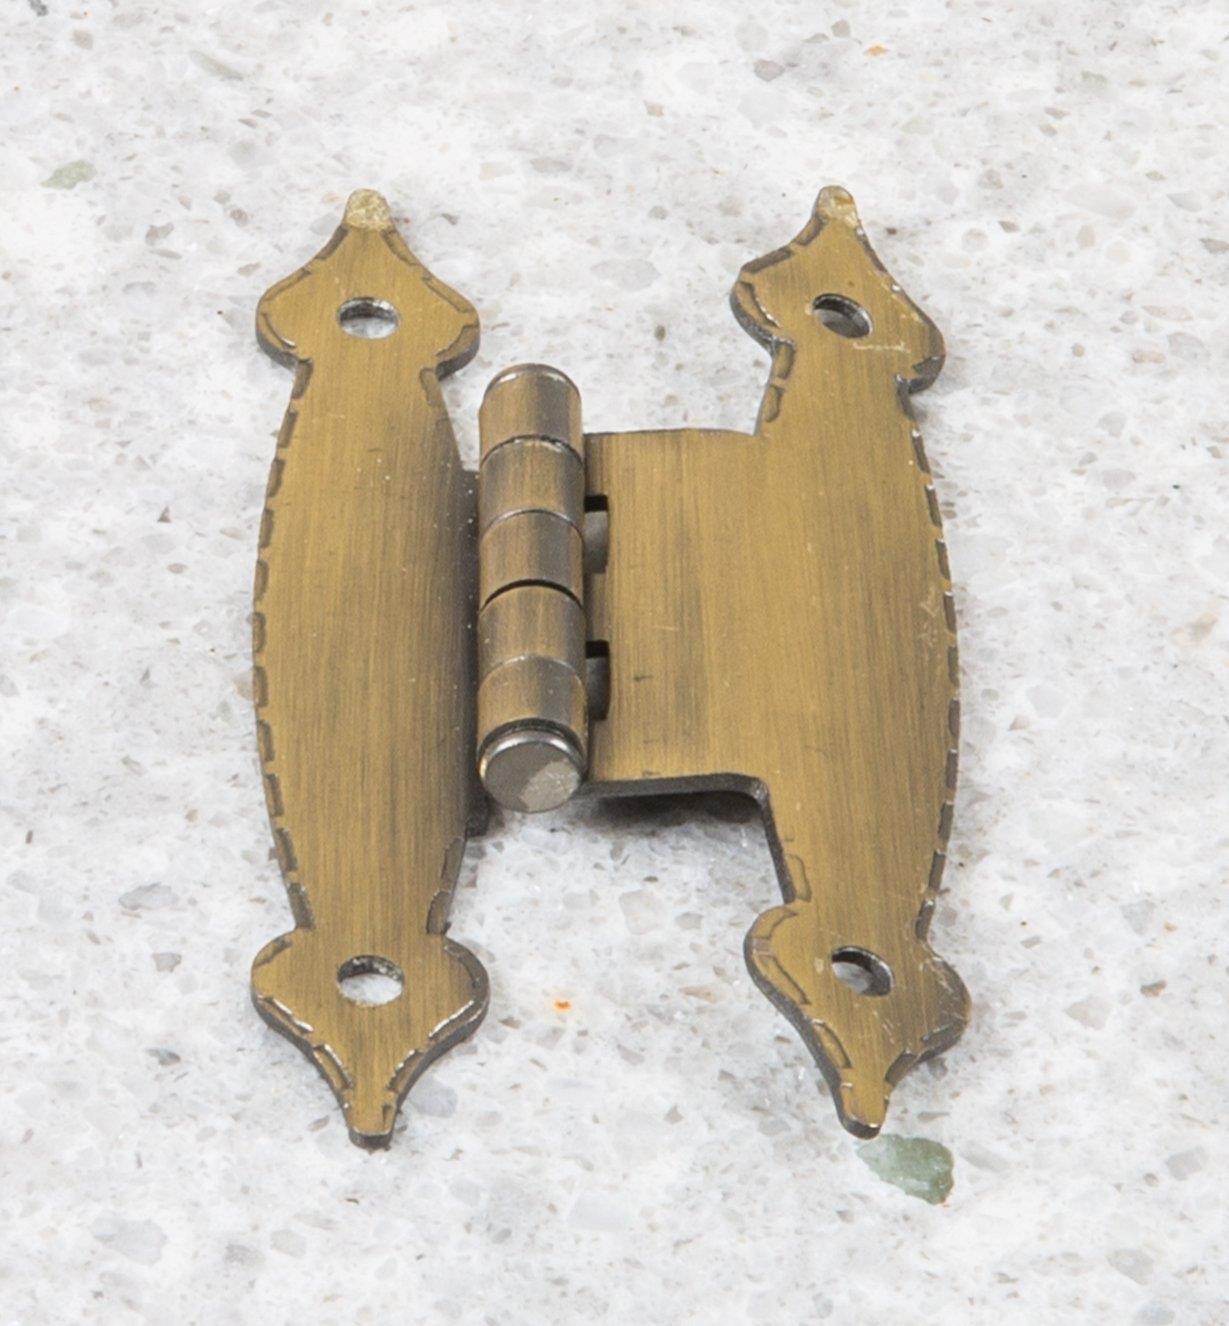 03W1210 - Charnières Palace, laiton antique, 1 3/16 po x 31/2 po, la paire